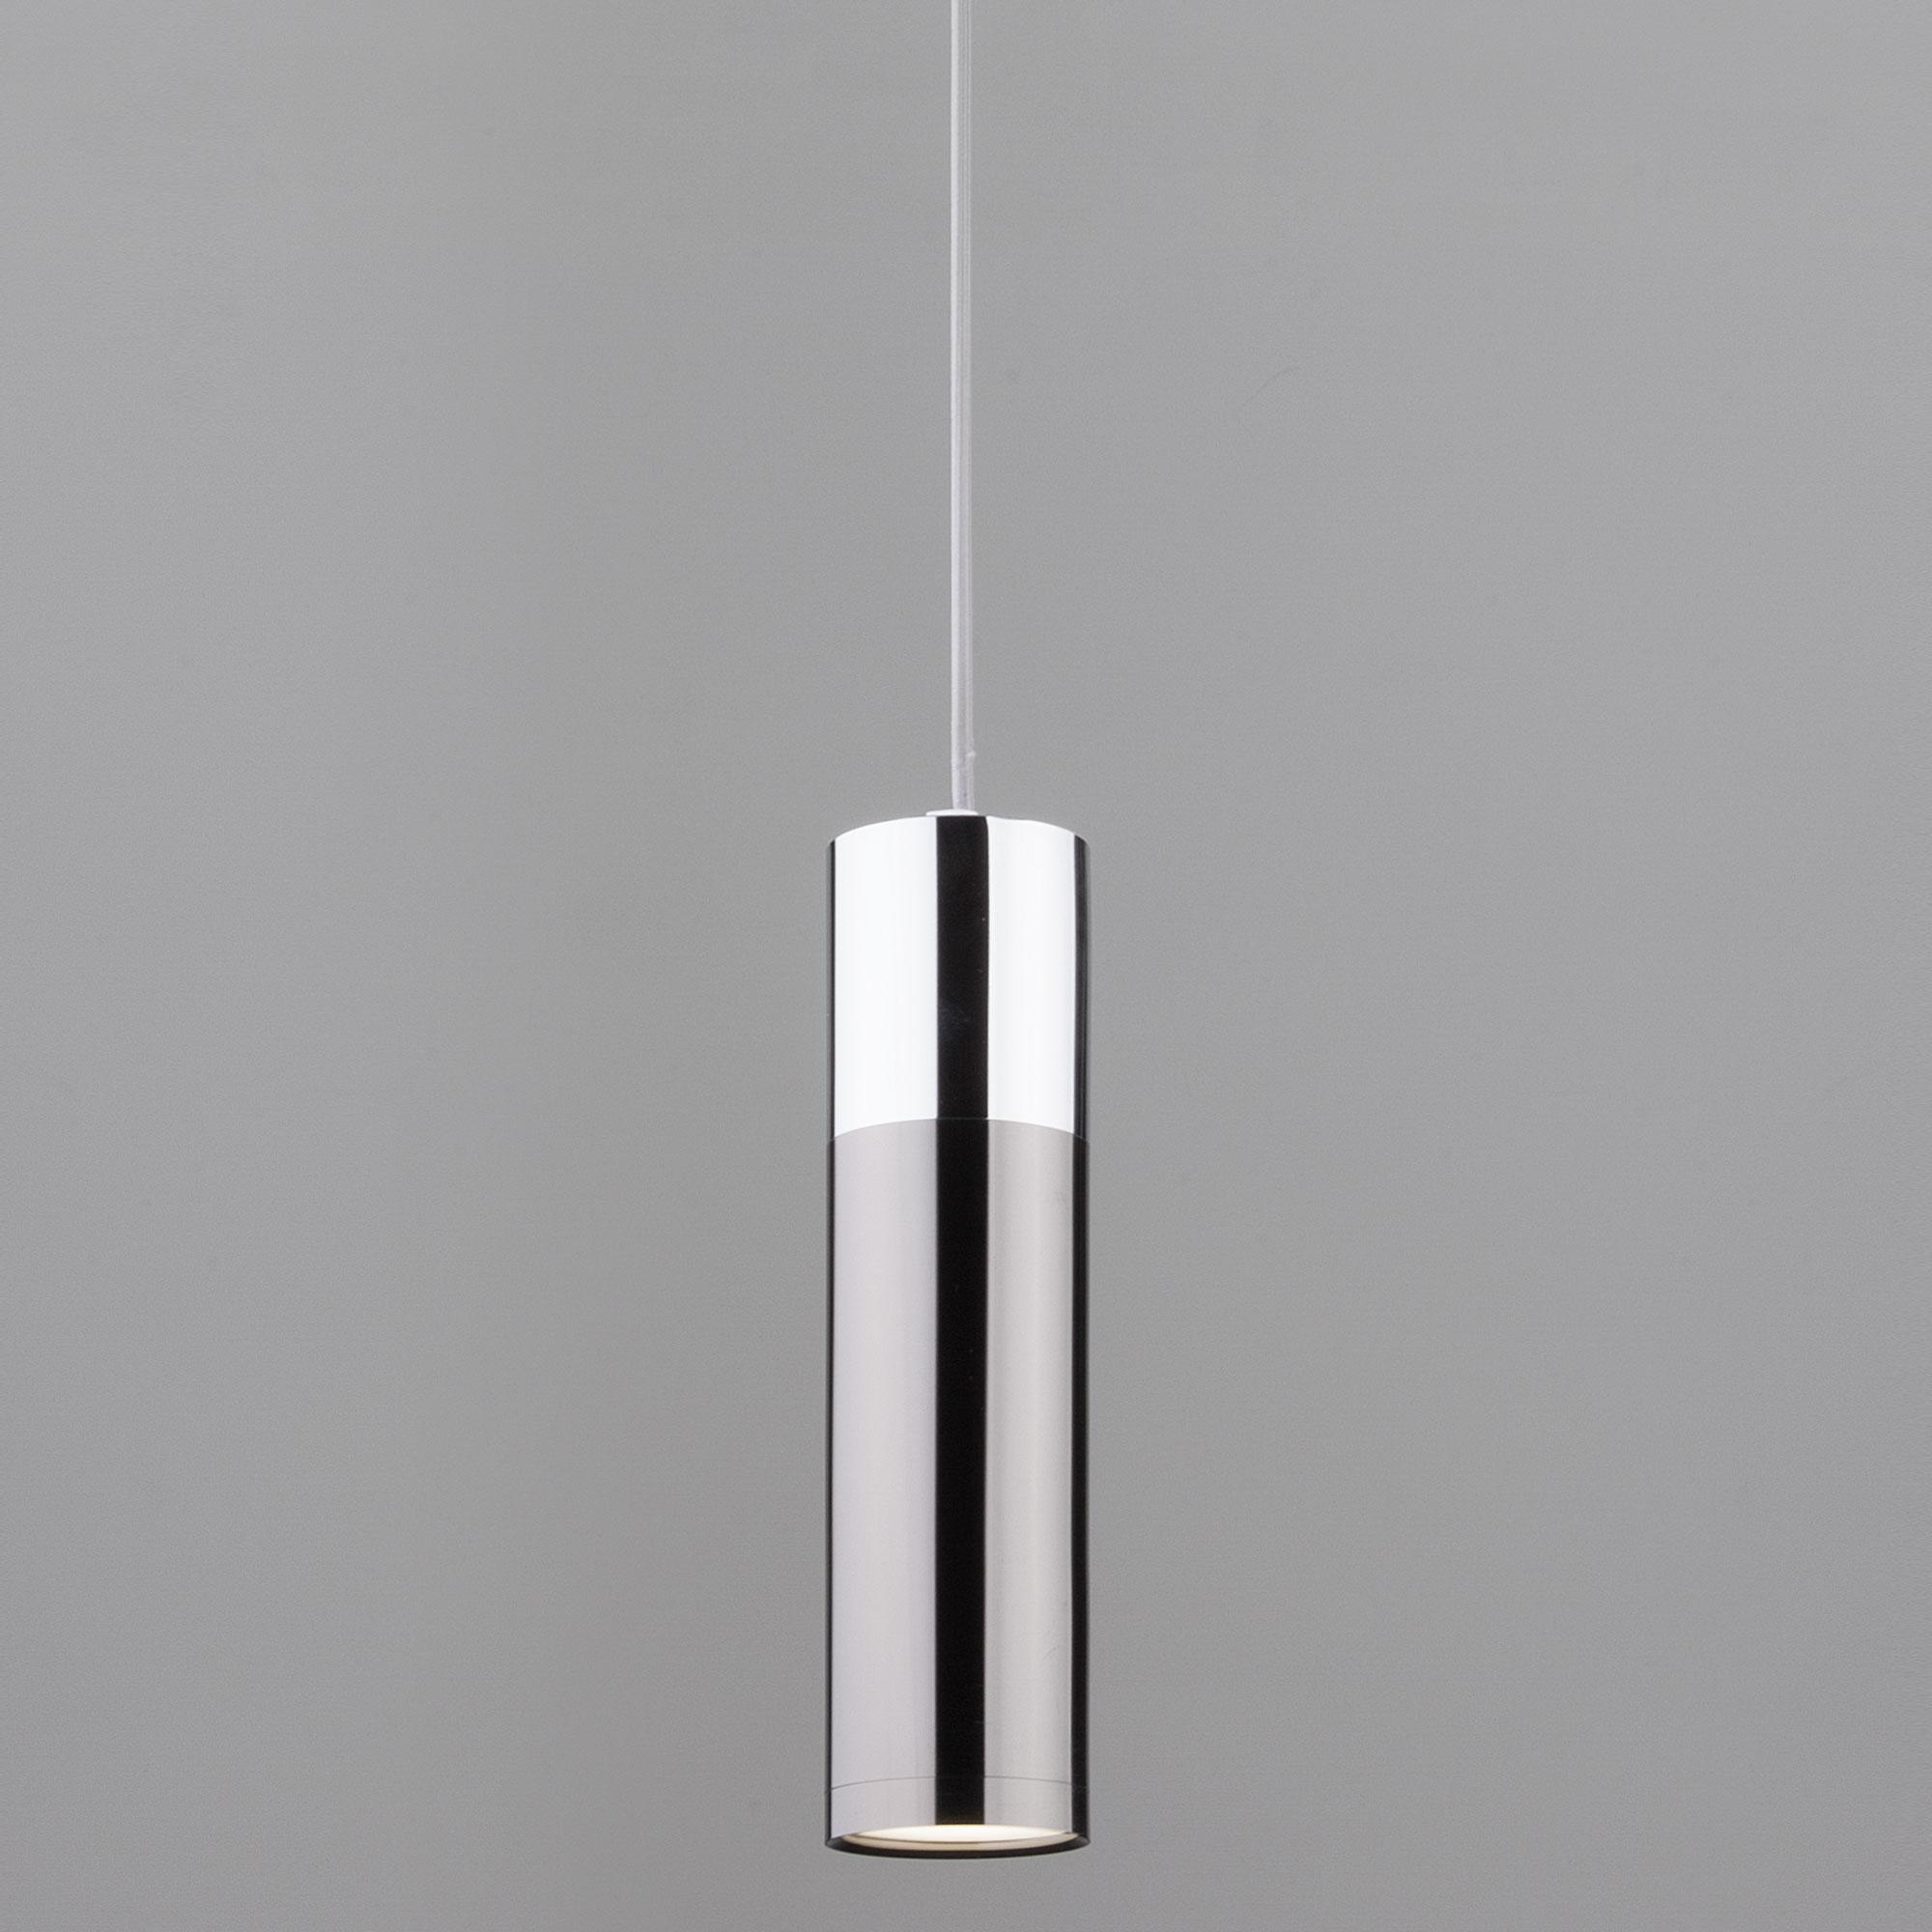 Подвесной светильник Eurosvet Double Topper 50135/1 LED хром/черный жемчуг фото